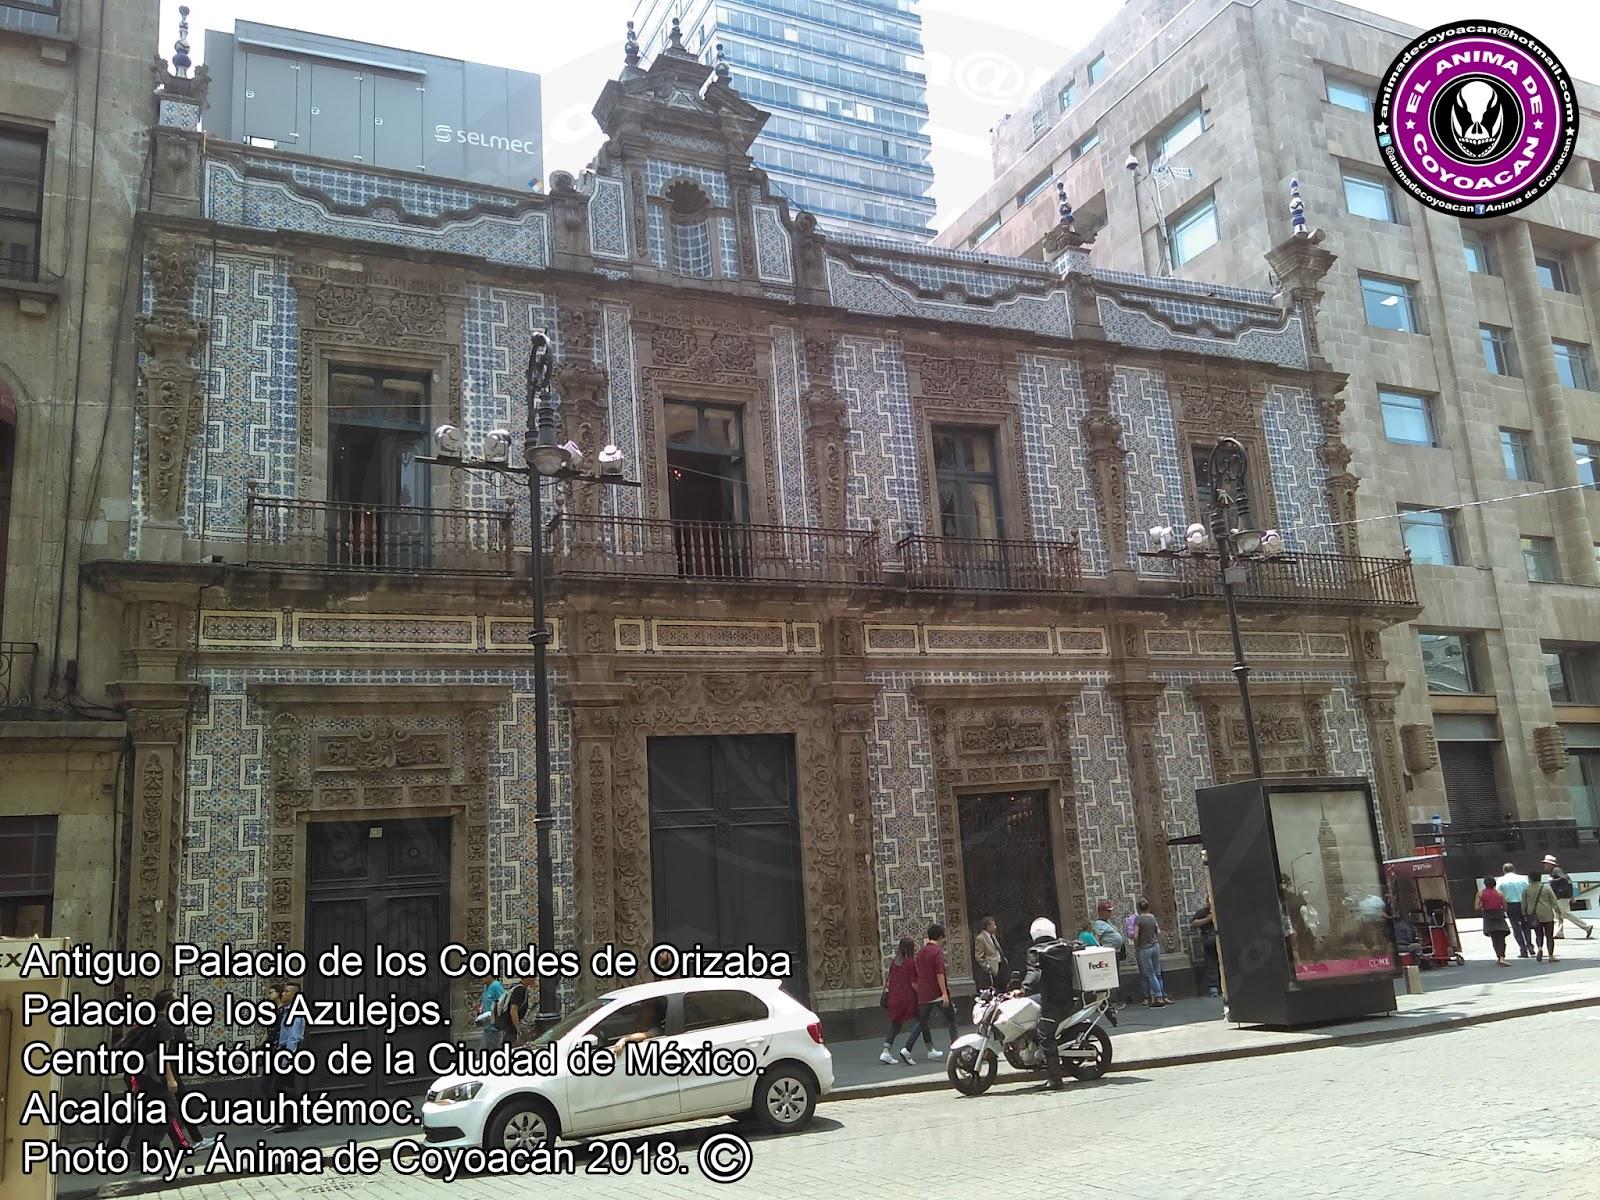 El Blog Del Anima De Coyoacan Antiguo Palacio De Los